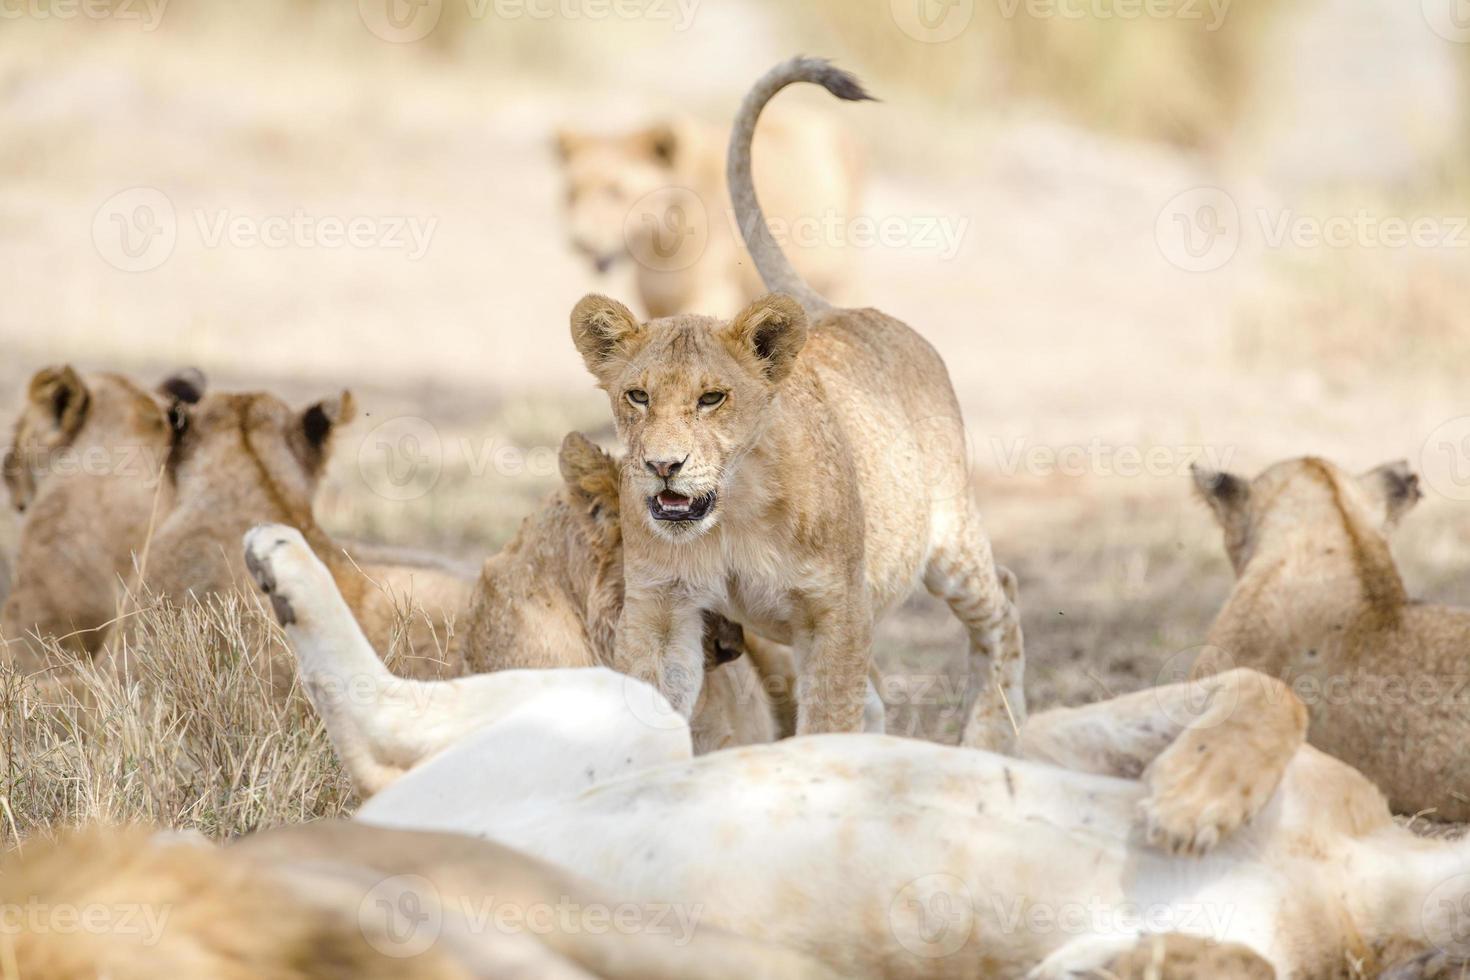 filhote jogando no grande orgulho do leão na savana foto